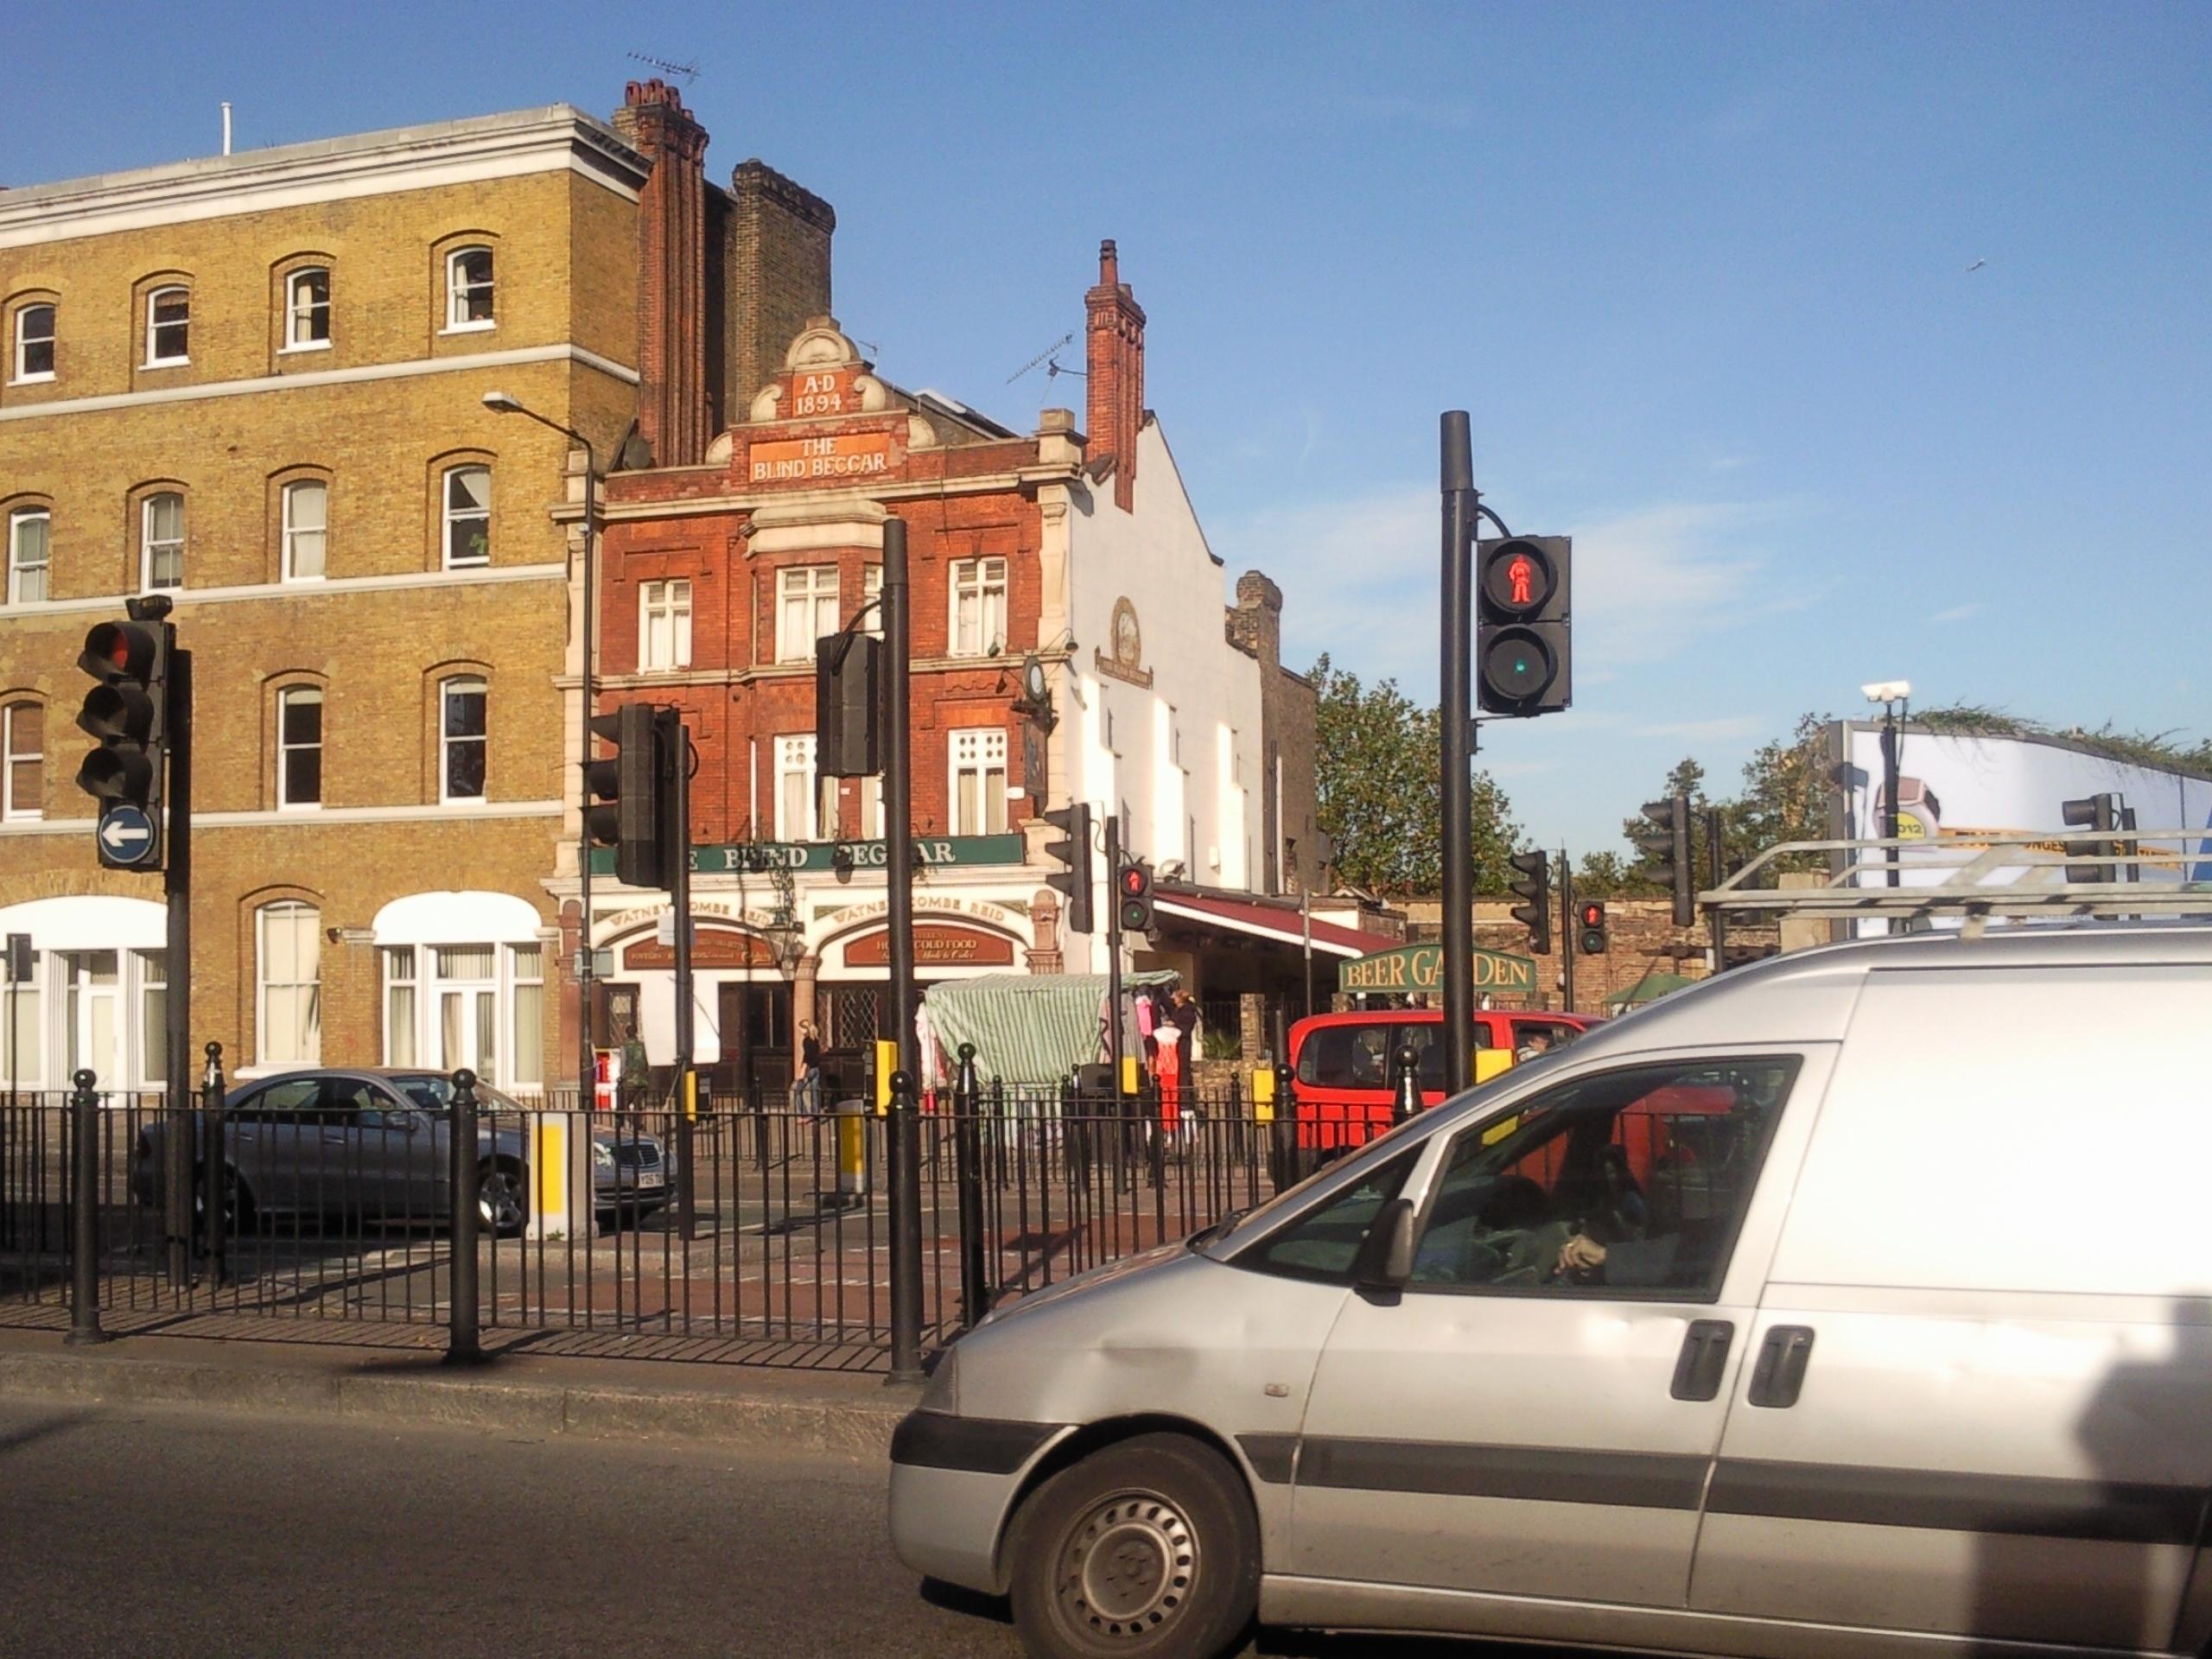 The Blind Beggar, Whitechapel, London